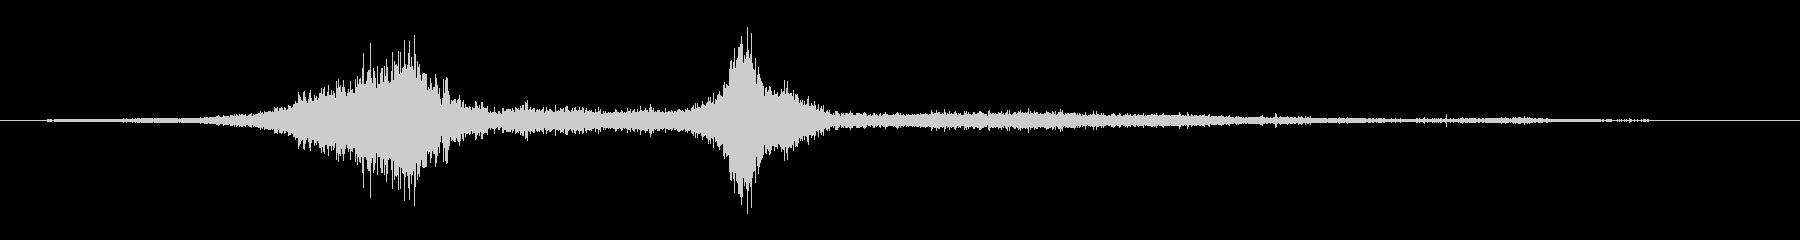 ボーカルヒューシュバイの未再生の波形